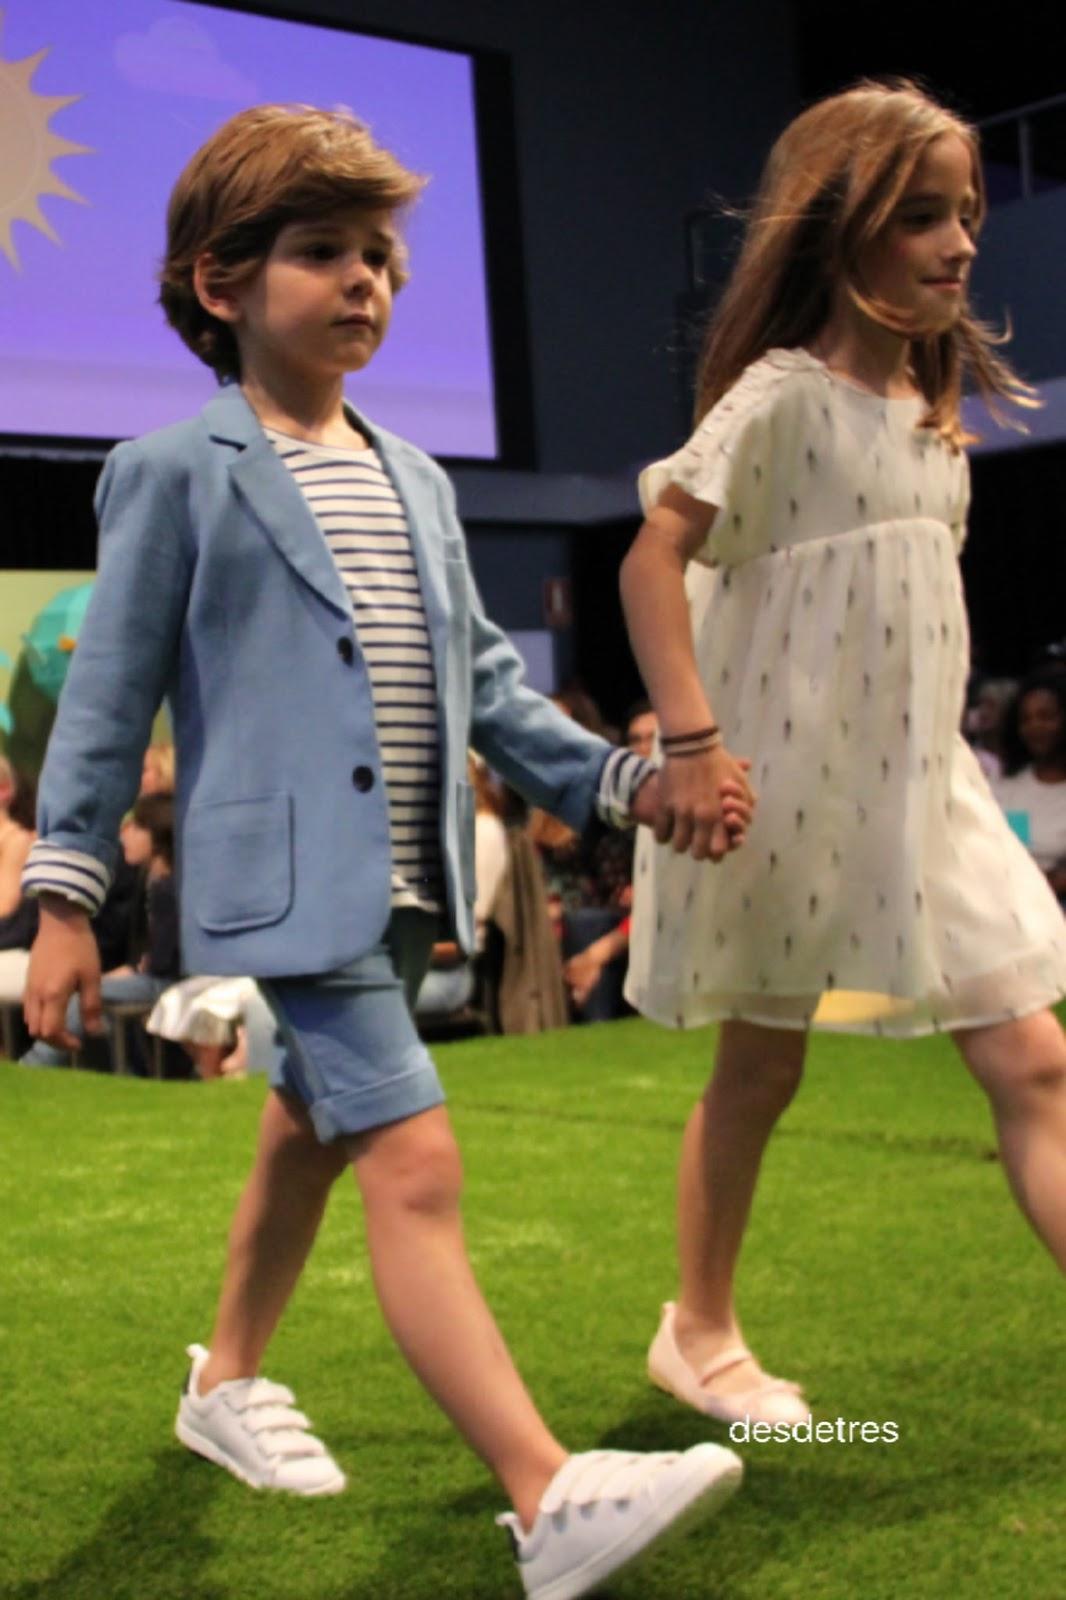 24be6e303 La moda de los niños para el verano 18. Petit style walking.